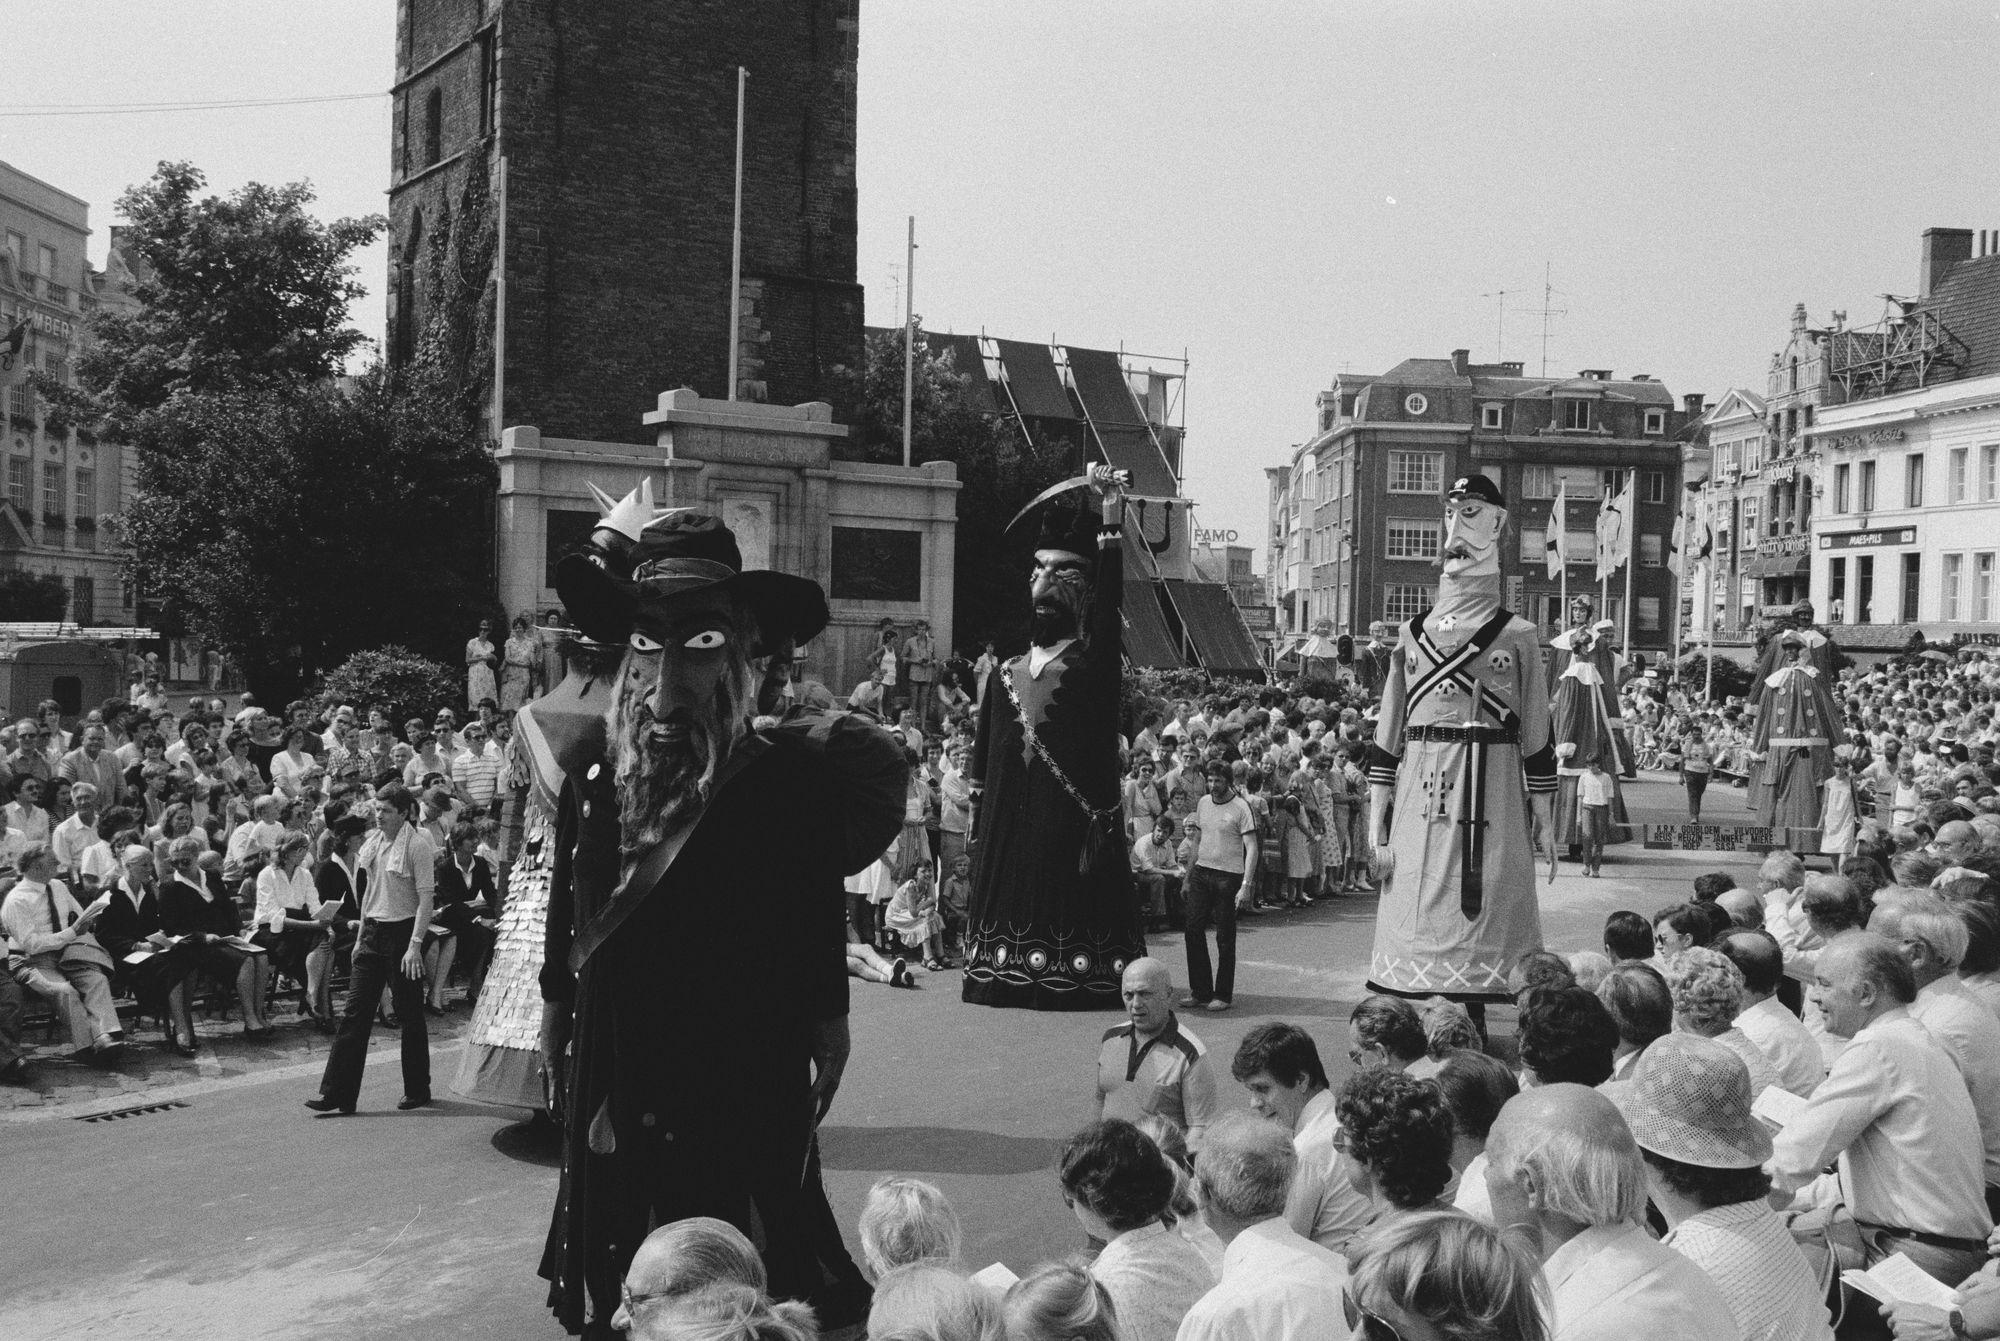 Reuzen in de historische stoet tijdens de 11 juliviering 1982